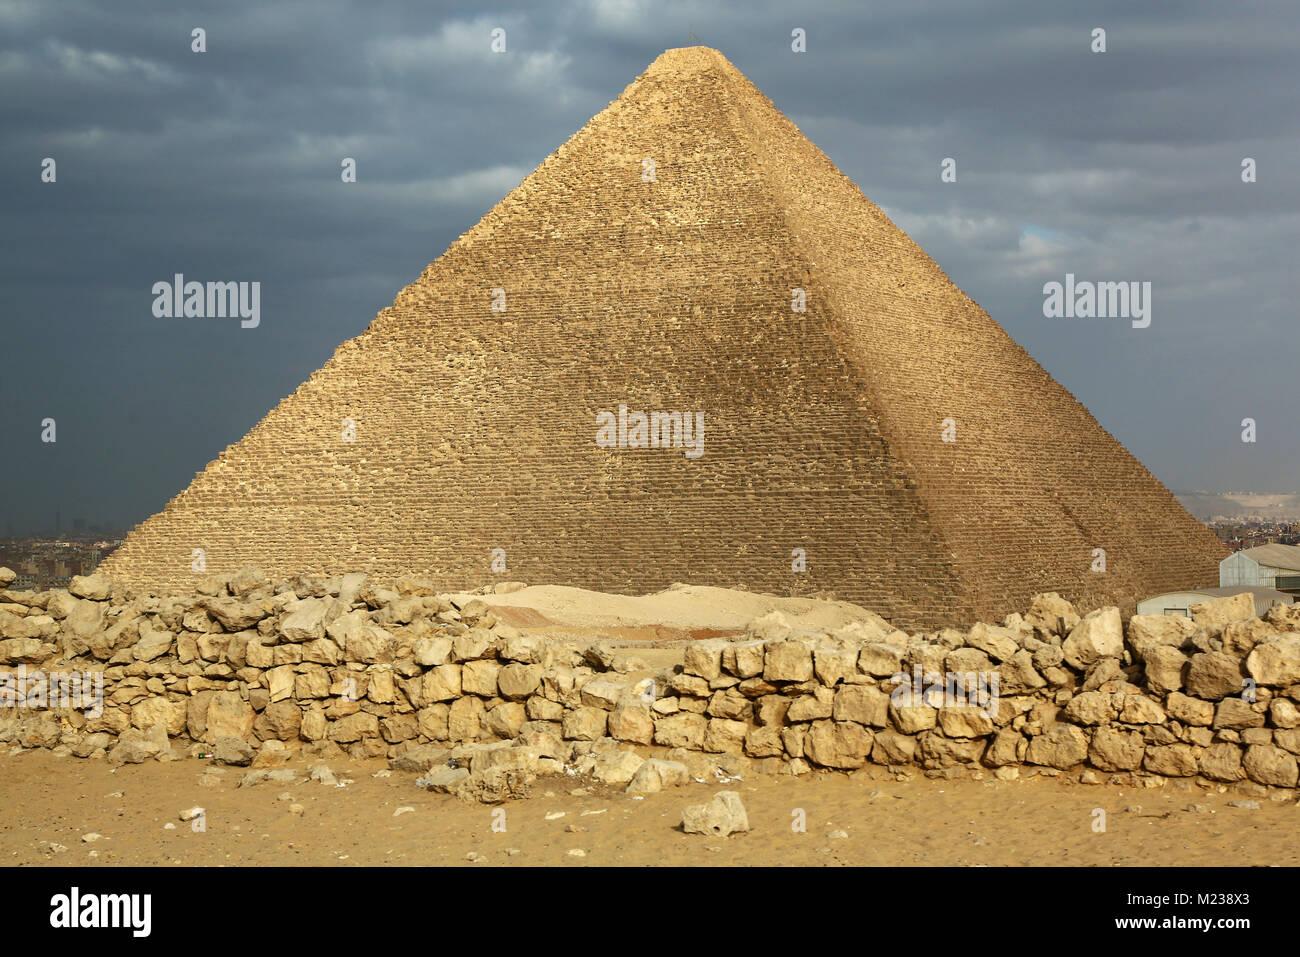 Die Große Pyramide des Cheops (oder Cheops) auf dem Plateau von Gizeh, Kairo, Ägypten Stockbild